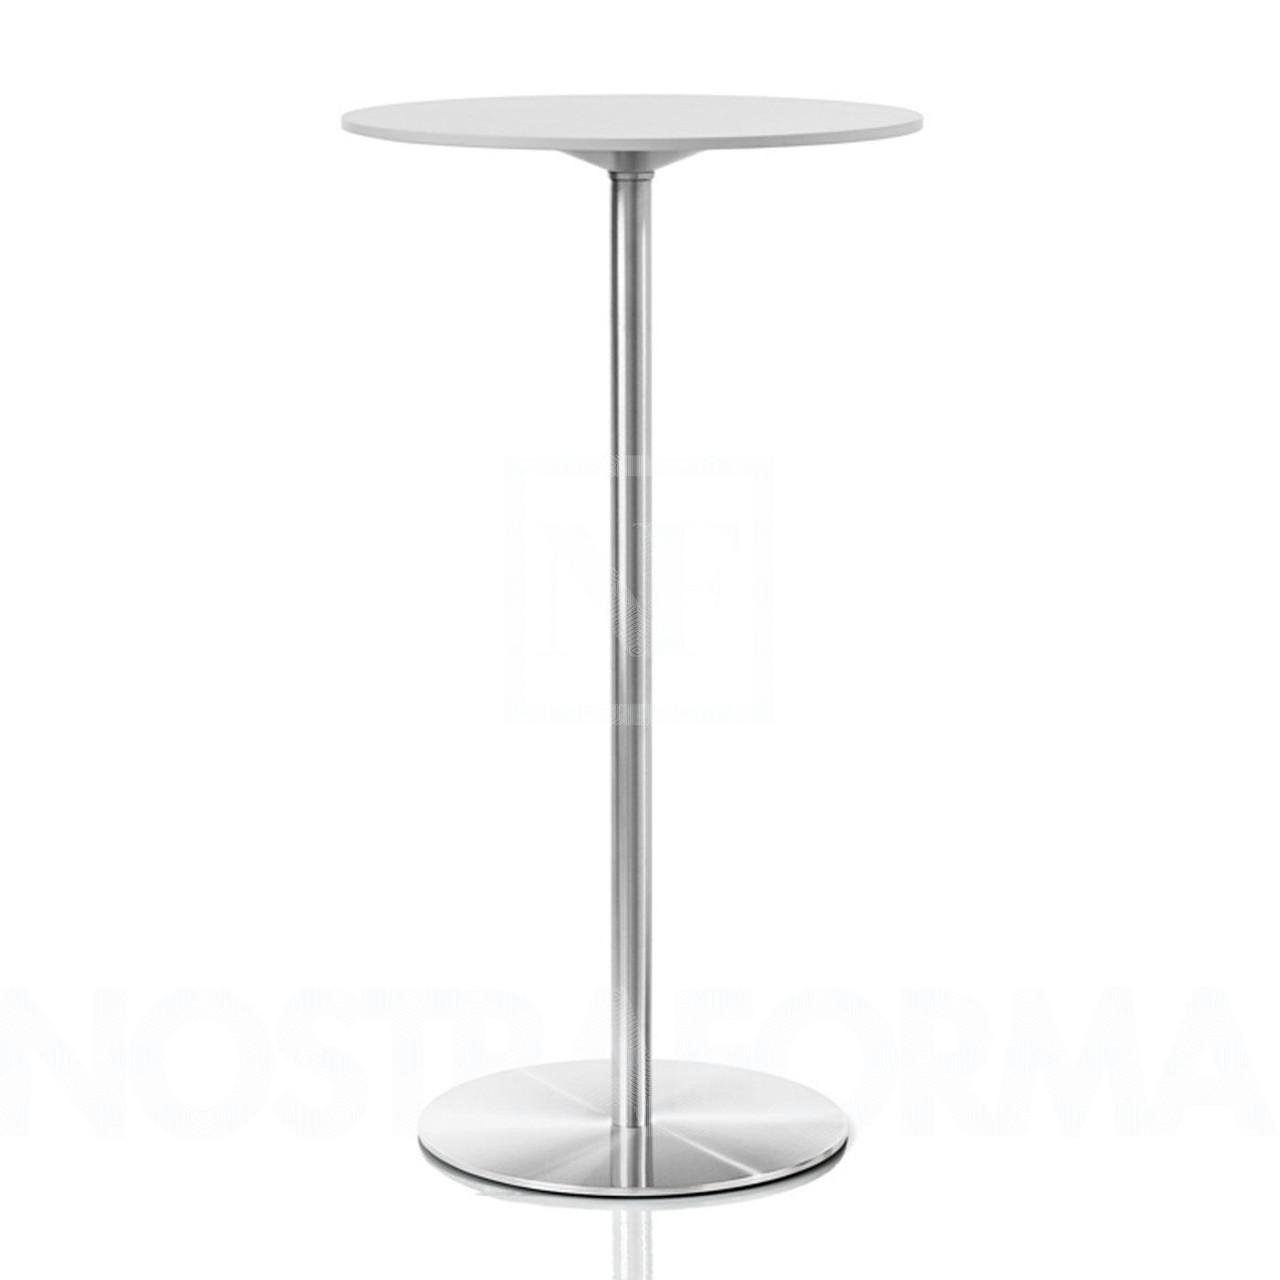 højt bord Køb Magis Passe partout højt bord, rund Ø60cm   TV1818, TV1820 højt bord